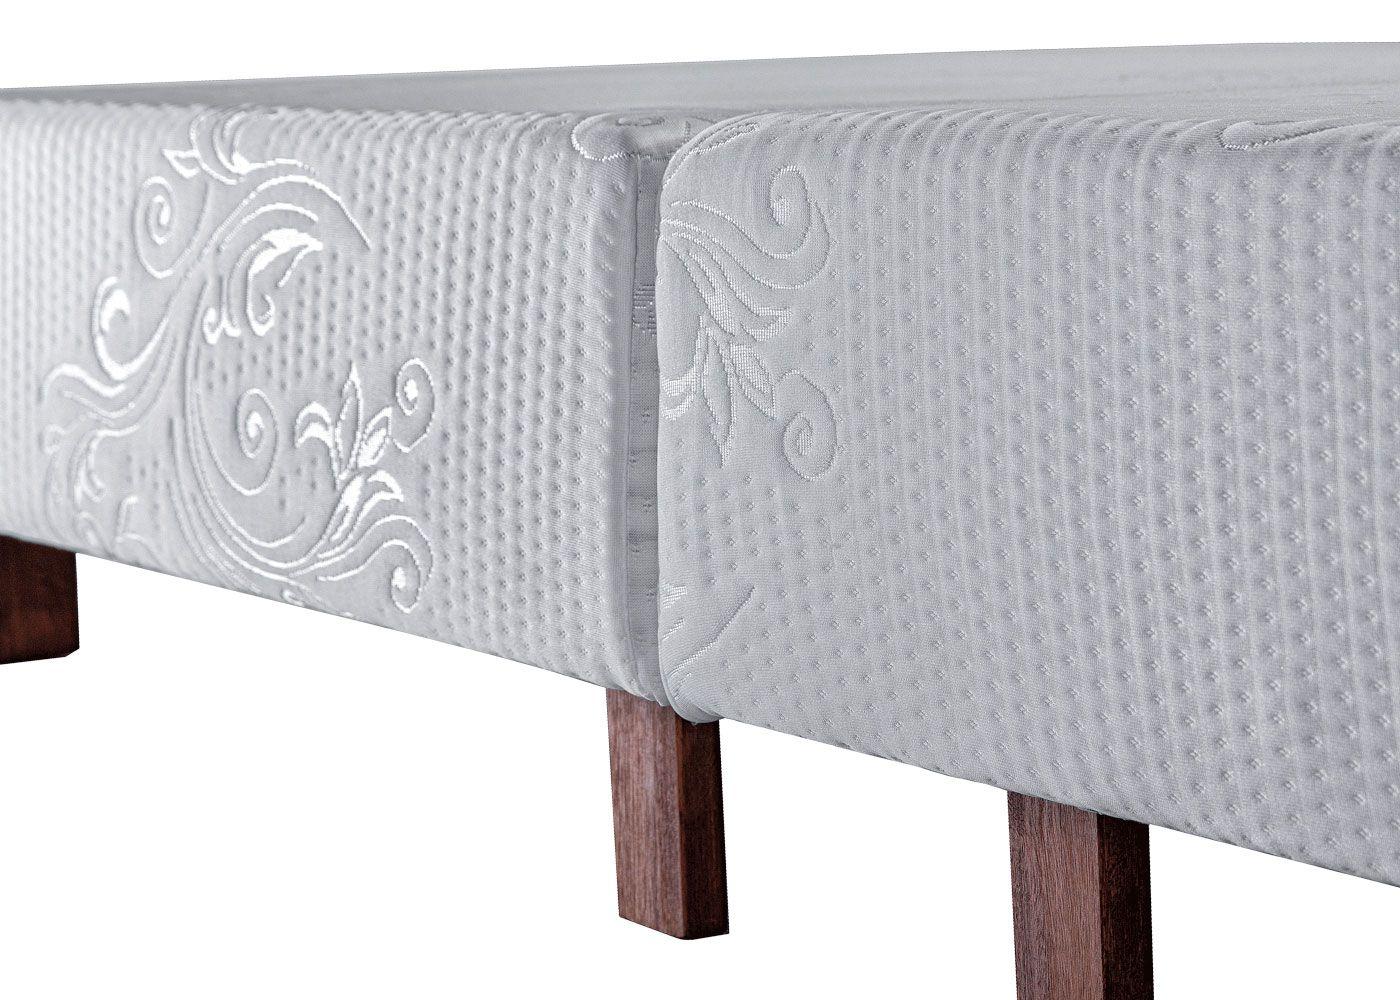 Cama Dobrável, Solteiro de Abrir com Colchão Embutido 70cm x 190cm Kenko Premium  - Kenko Premium Colchões